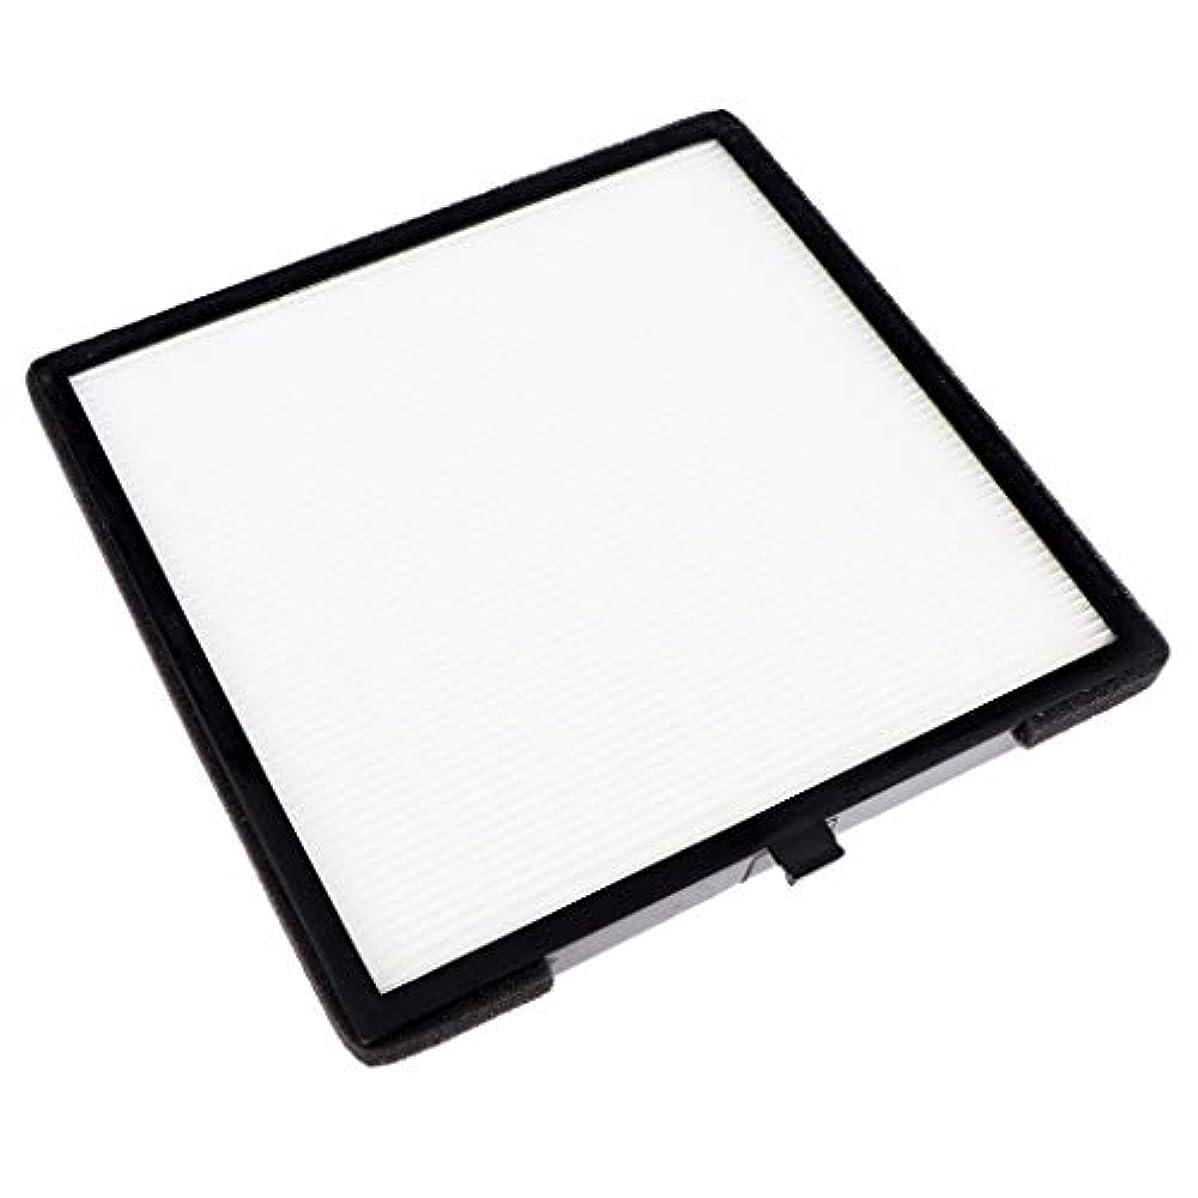 コミュニティブレスドライバF Fityle ネイル ダストコレクター フィルター スクリーン DIY ネイルアート 集塵機フィルター